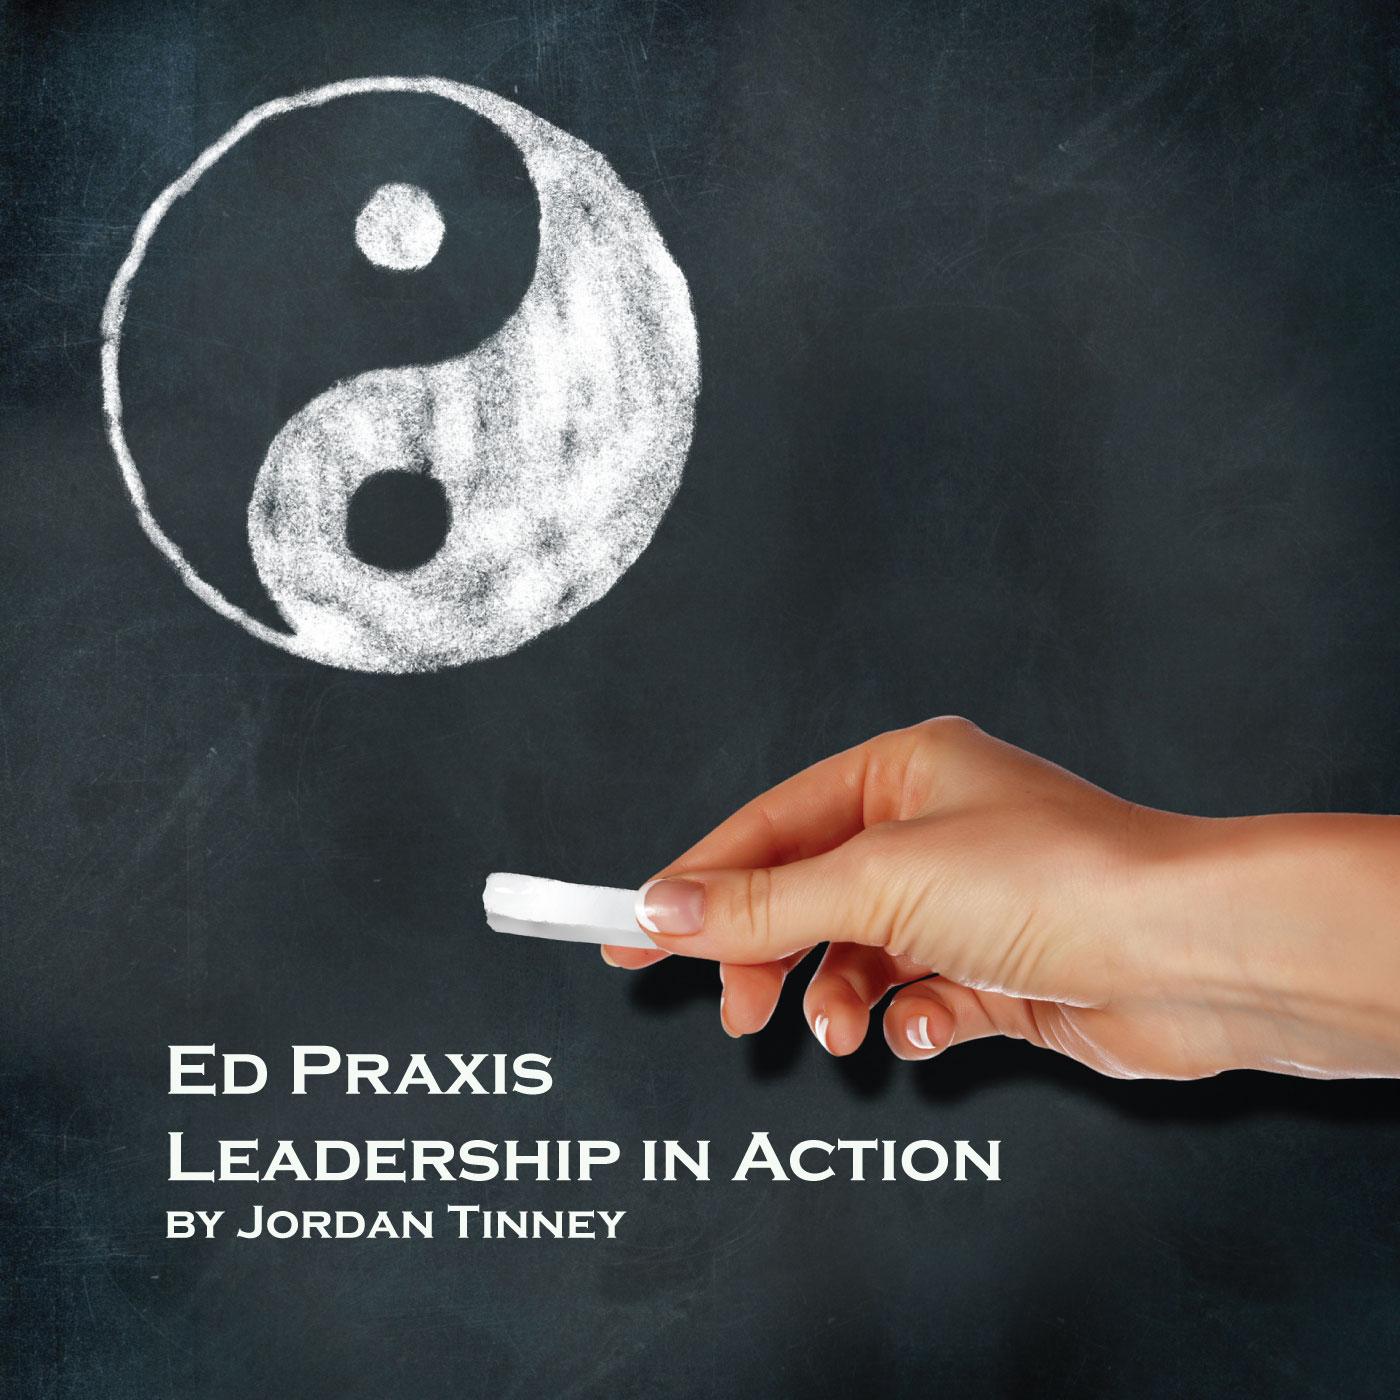 Leadership in Action by Jordan Tinney